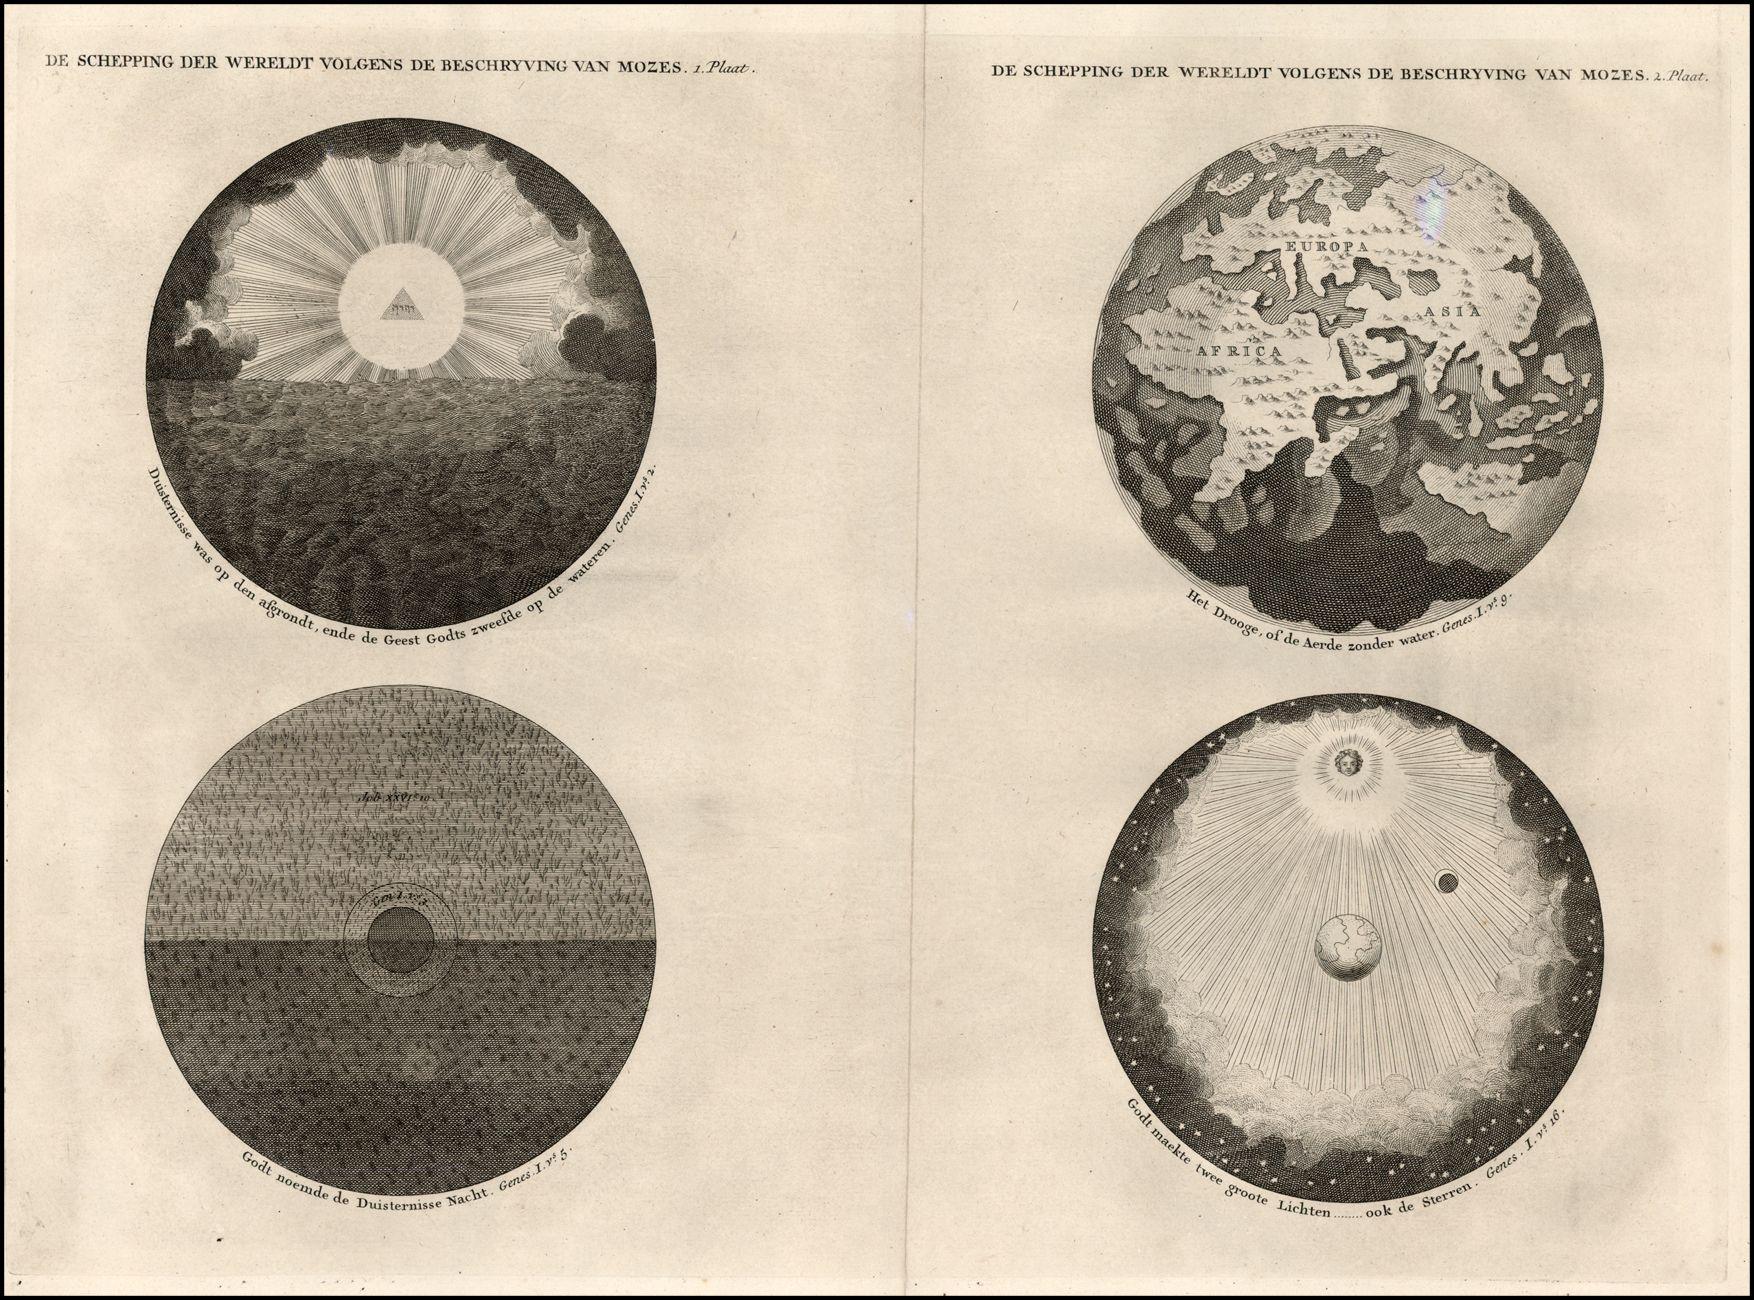 Wilhelm & Jan Goeree | De Schepping der Wereldt Volgens de Beschryving van Moze [The Creation of the World According to Moses] (1690)